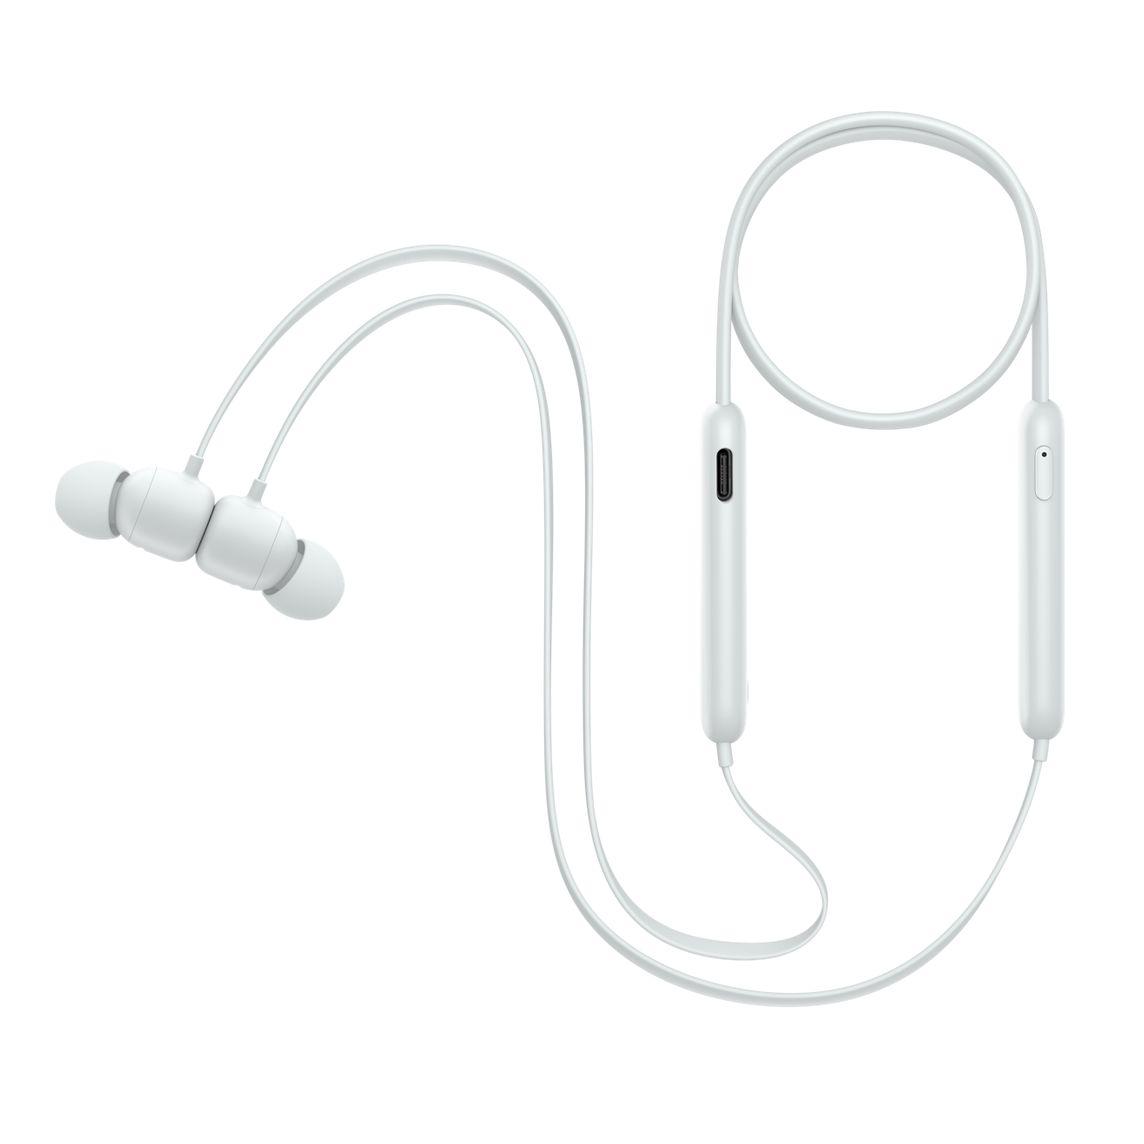 - Audifono In Ear Wireless Flex Beats / Gris 3